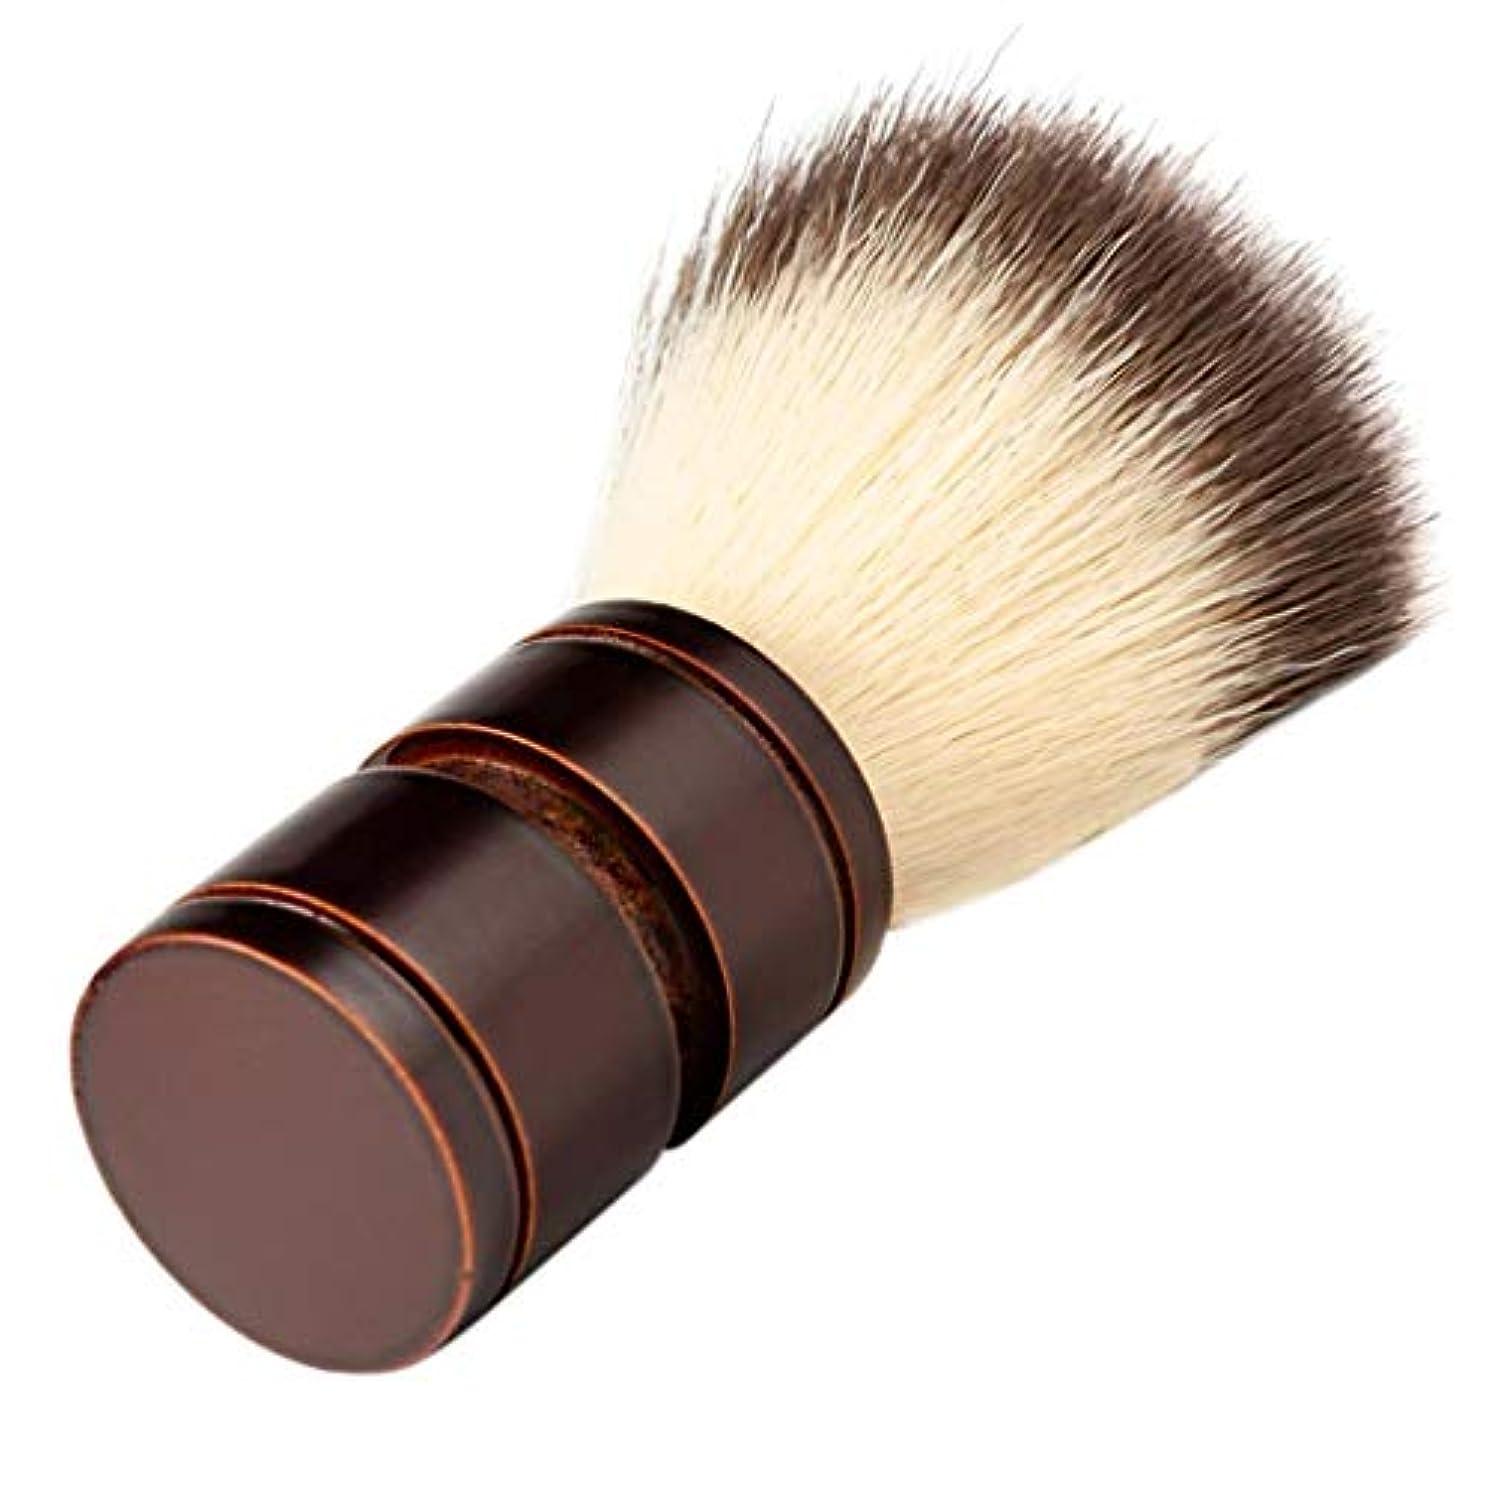 壊れた定期的なブルームシェービング ブラシ メンズ ナイロン ひげブラシ 洗顔ブラシ 理容 洗顔 髭剃り 泡立ち